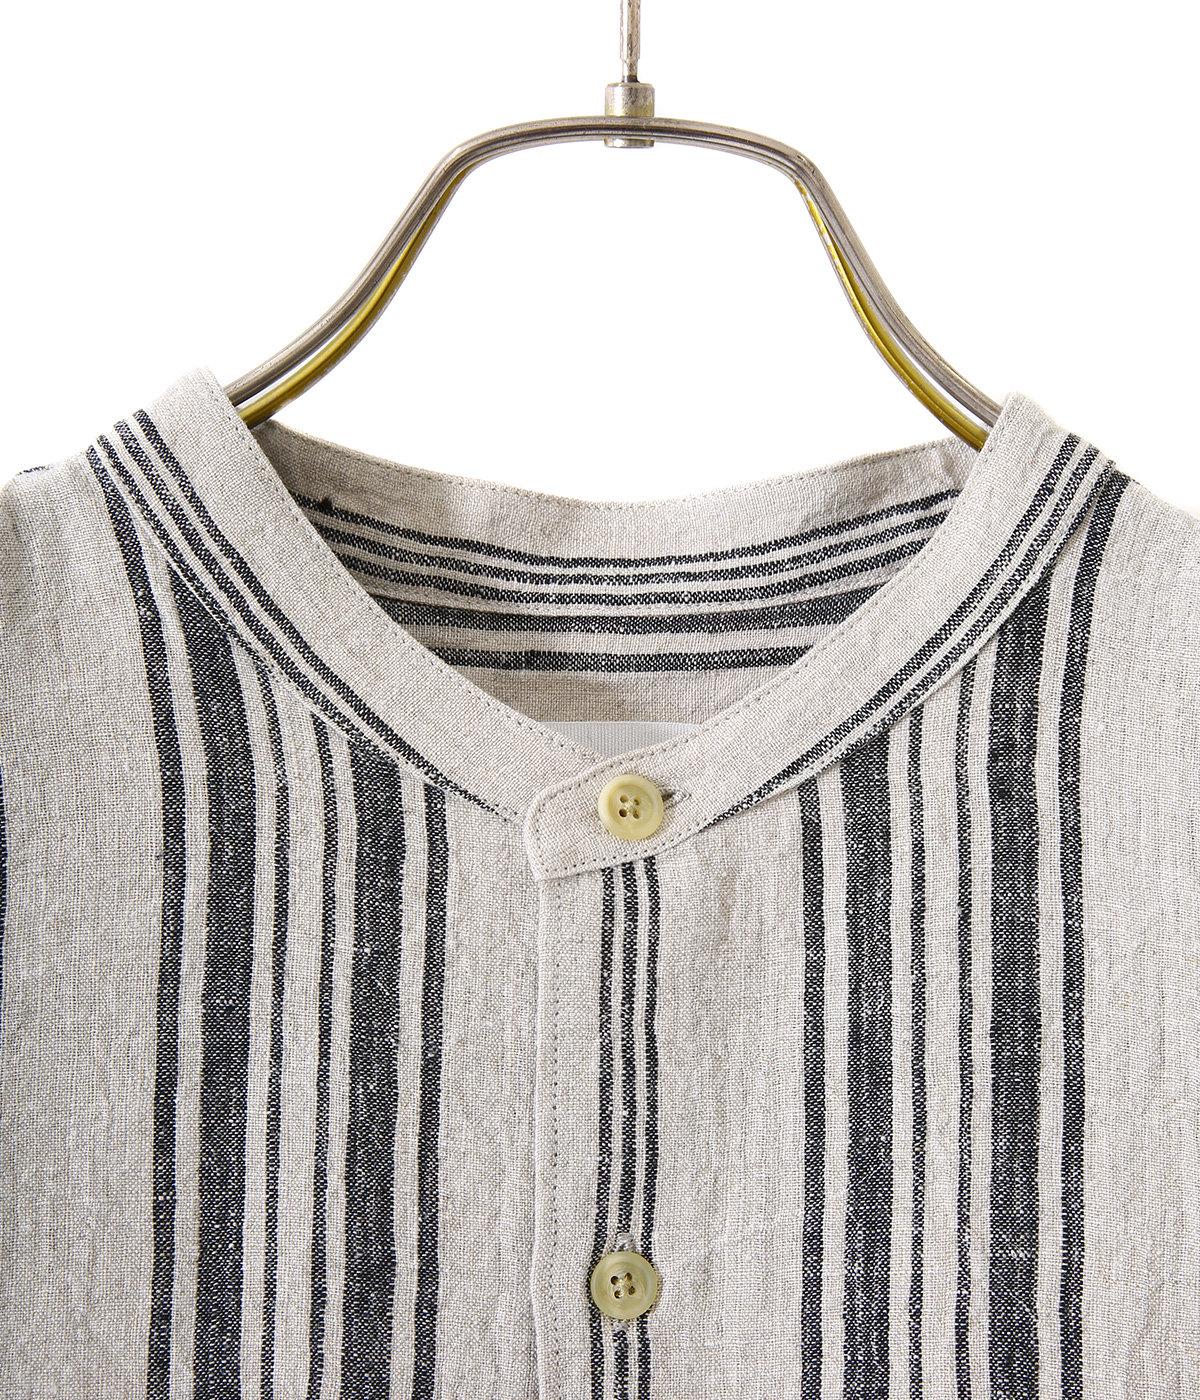 Band collar shirts